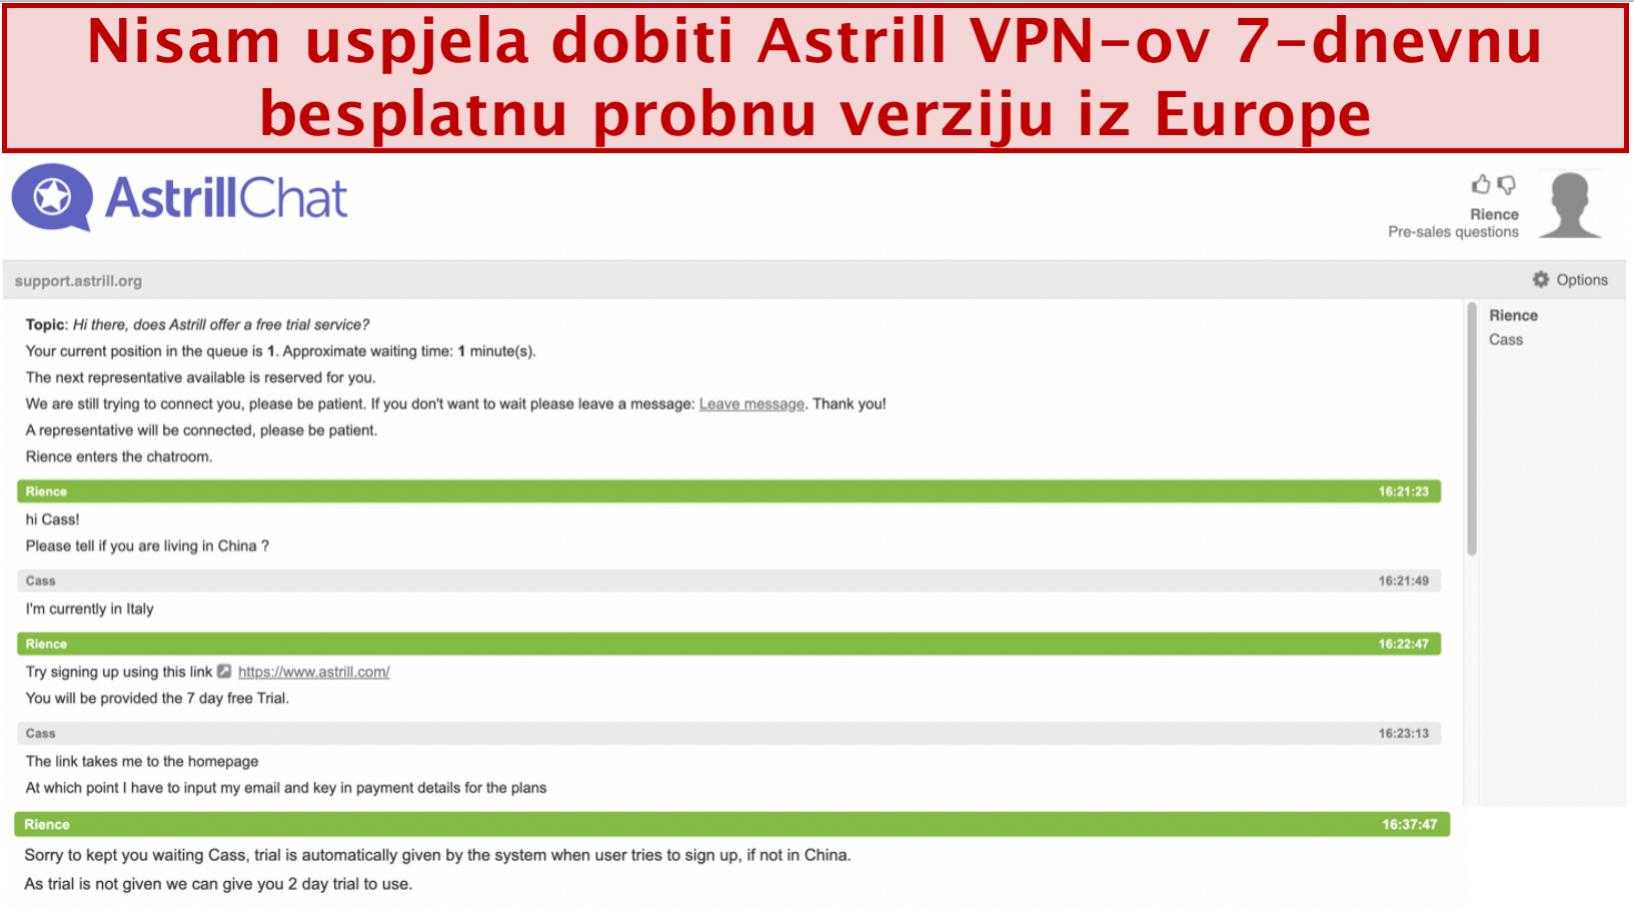 snimka zaslona razgovora s timom za podršku Astrill VPN-a u kojem se ne daje 7-dnevno besplatno probno razdoblje čak i ako je korisnik sa sjedištem u Europi